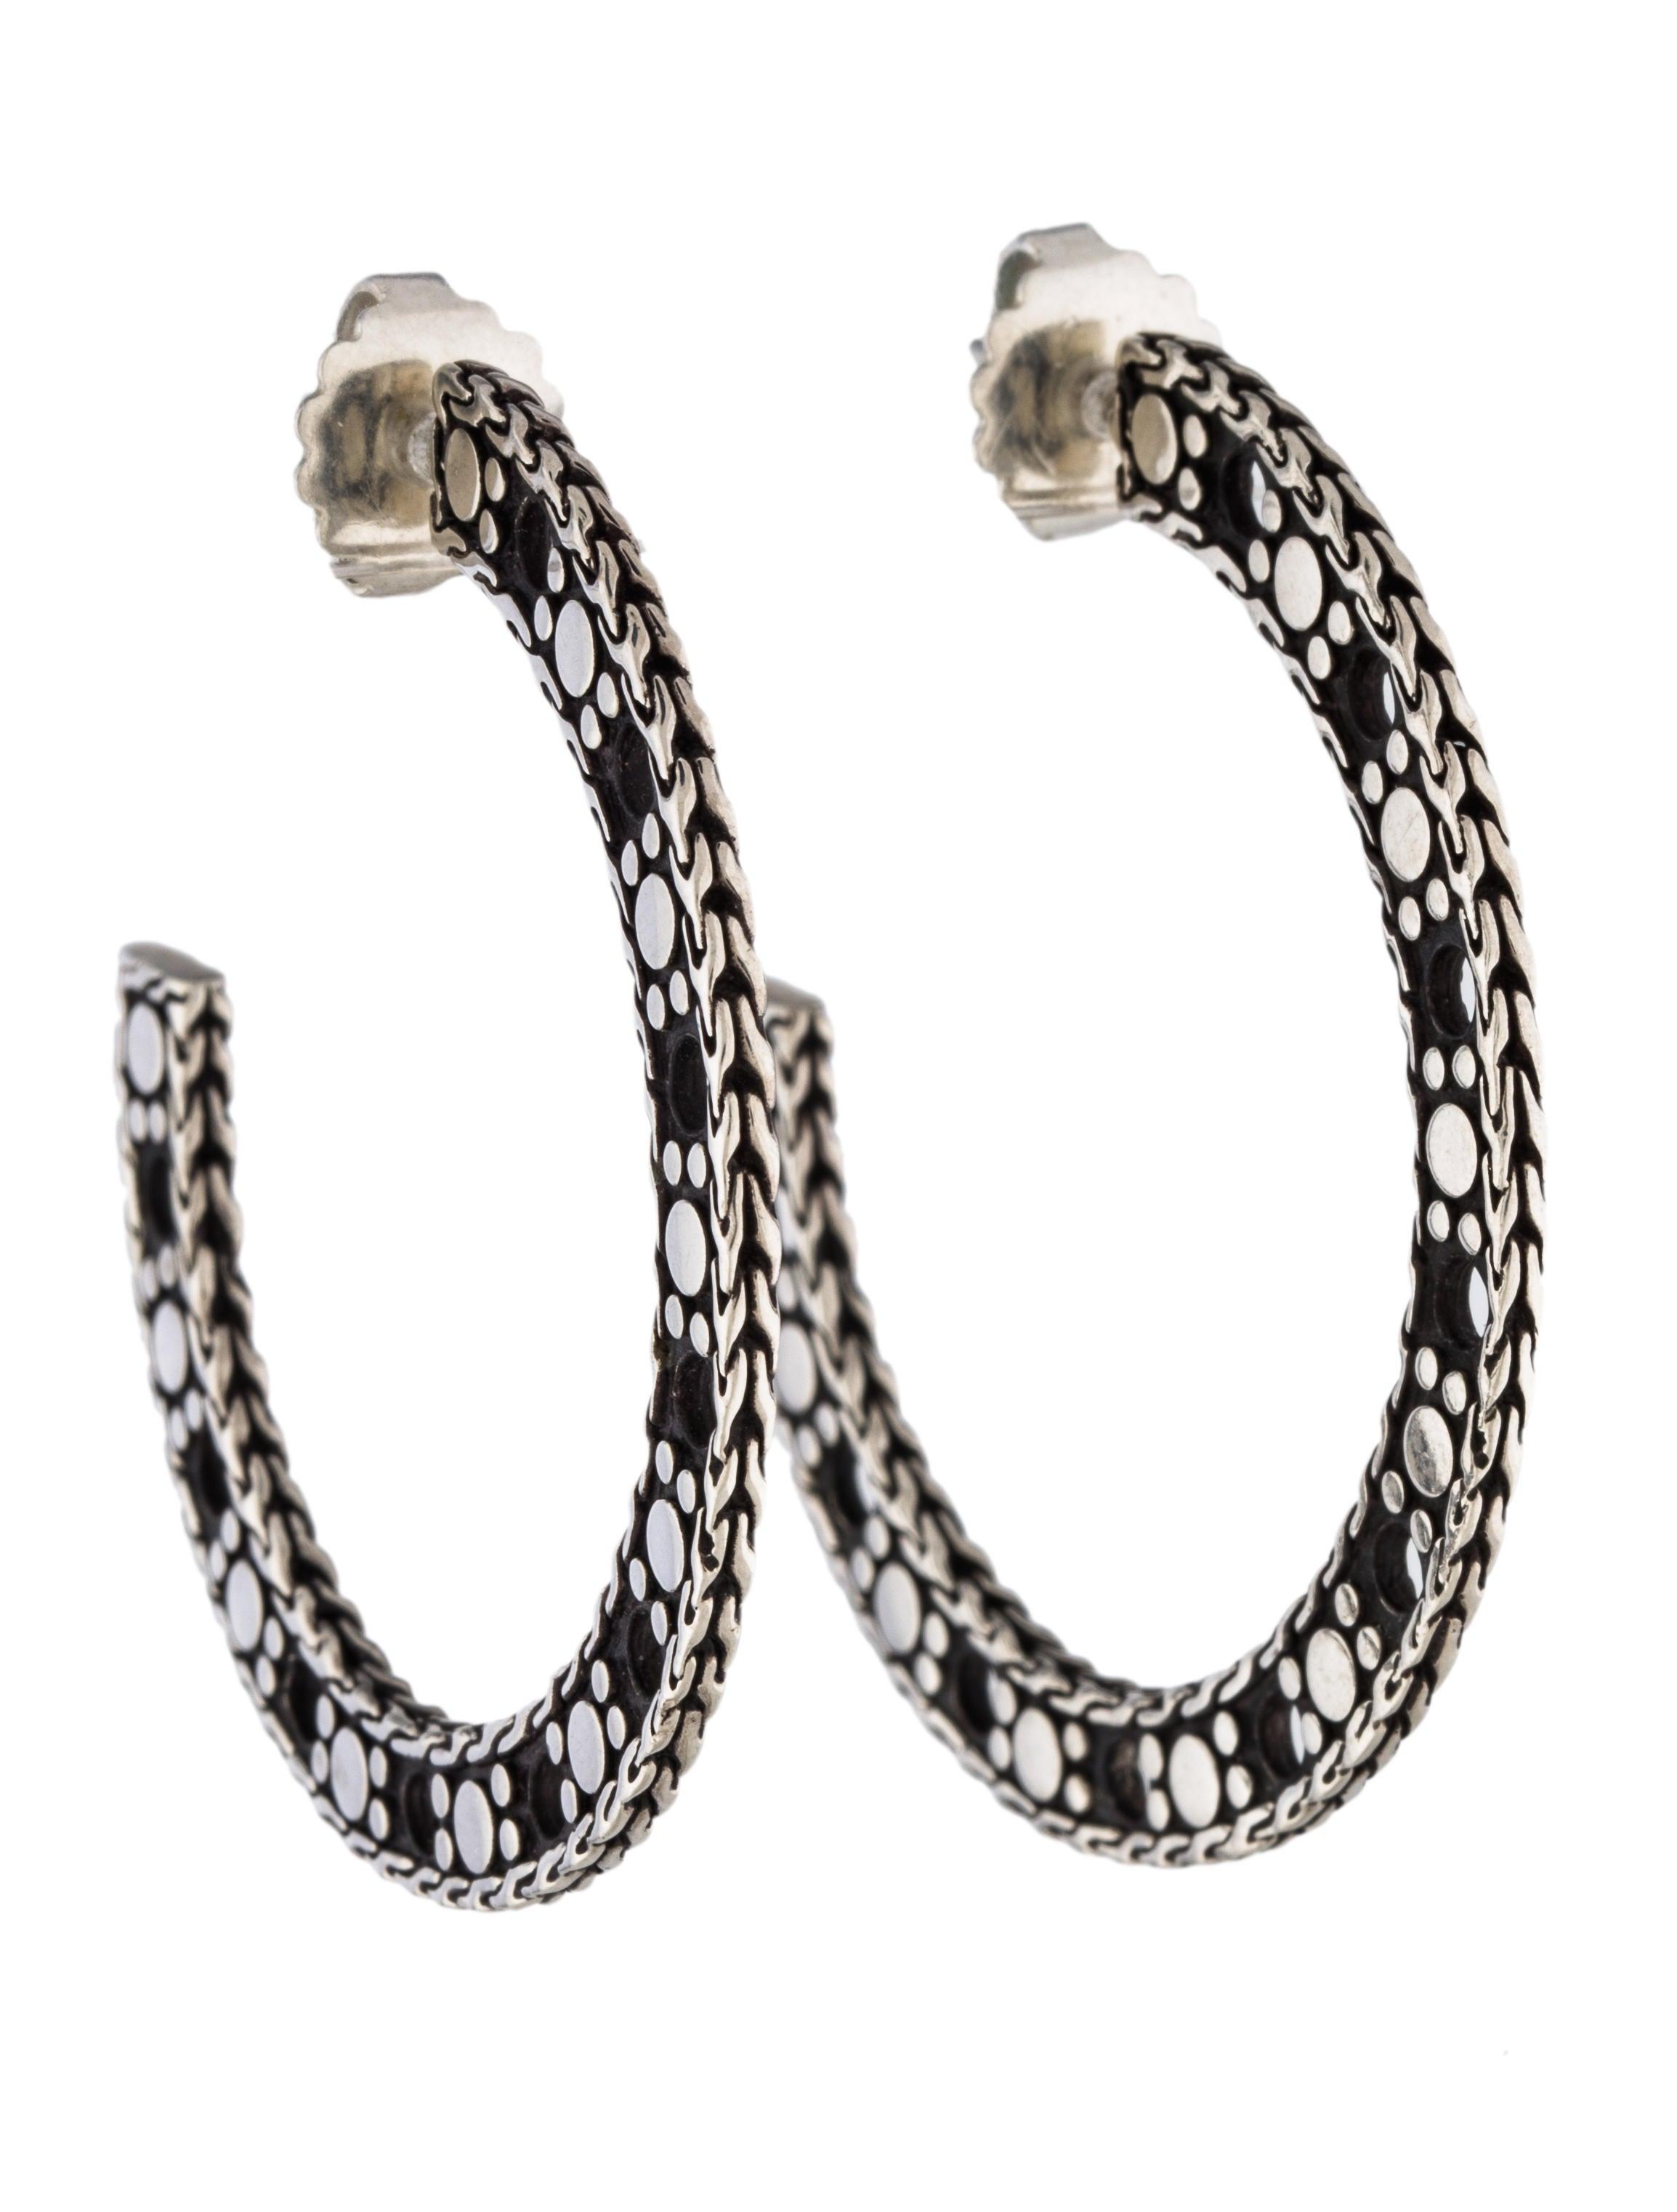 John hardy dot hoop earrings earrings jha27742 the for John hardy jewelry earrings